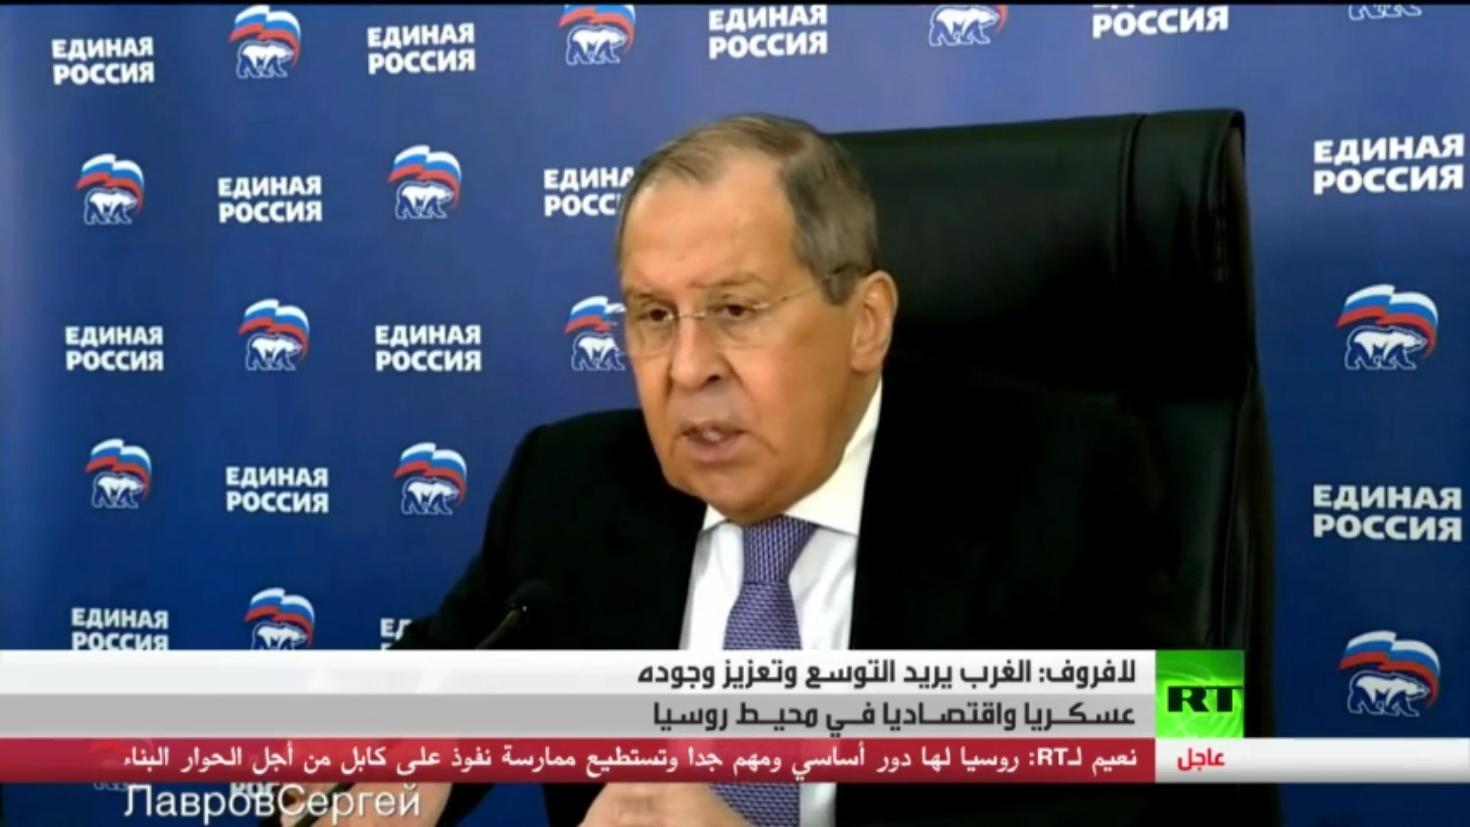 لافروف: الغرب يحاول زعزعة الاستقرار في روسيا